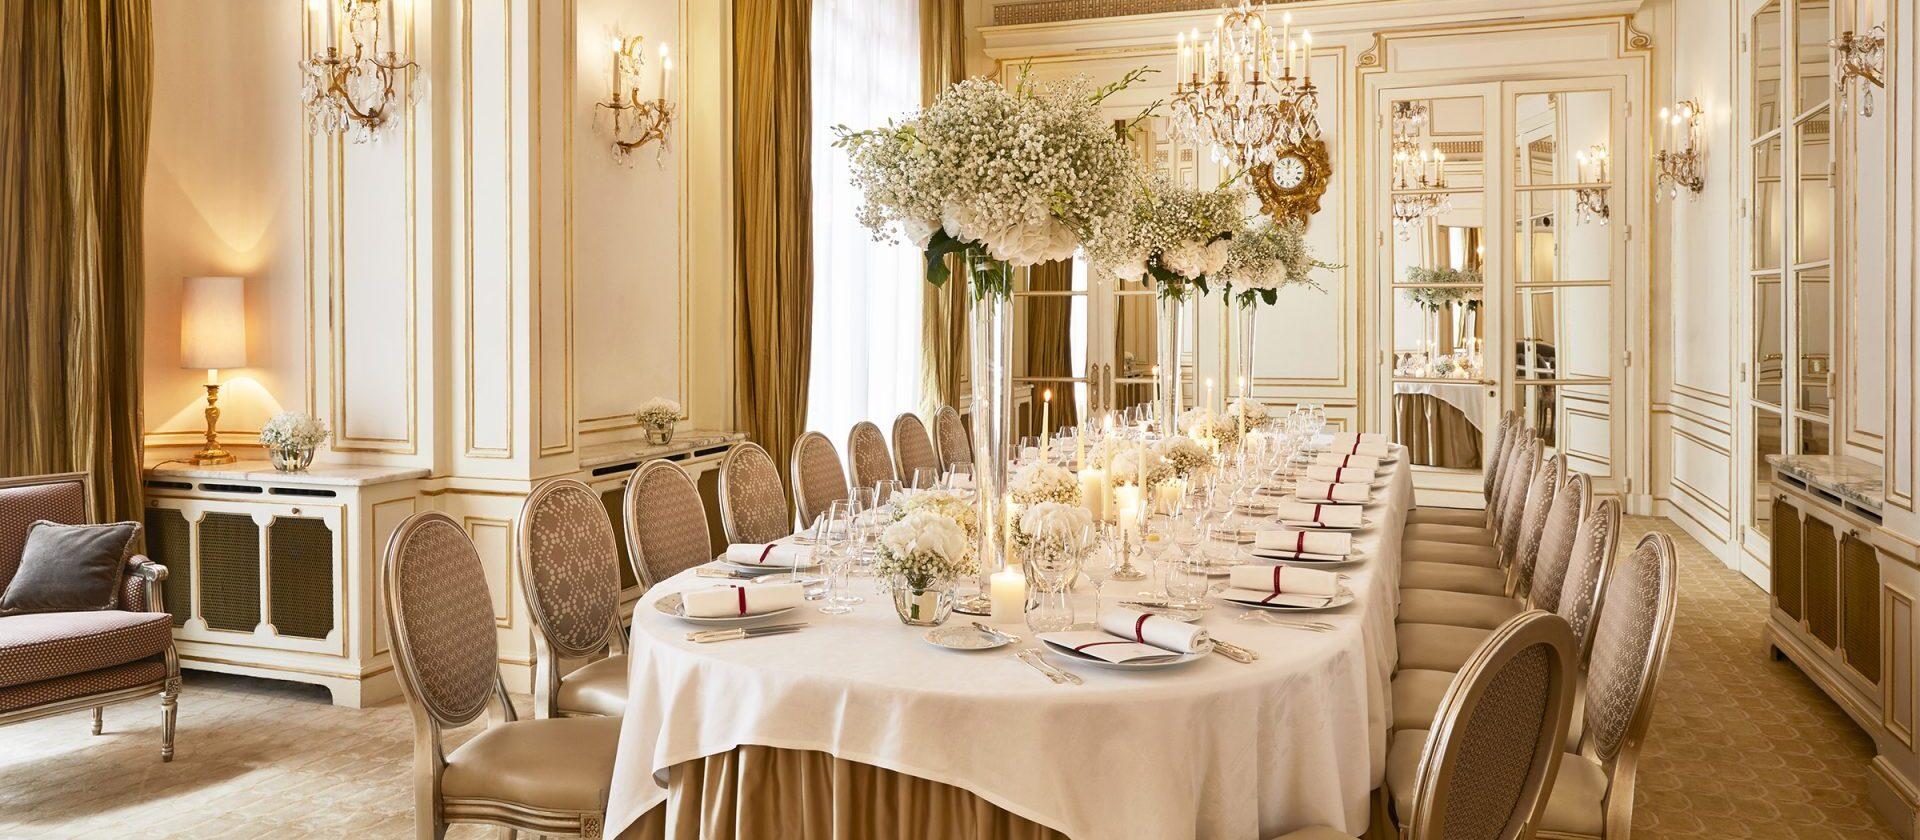 Lieu De Reception De Mariage Paris Dorchester Collection